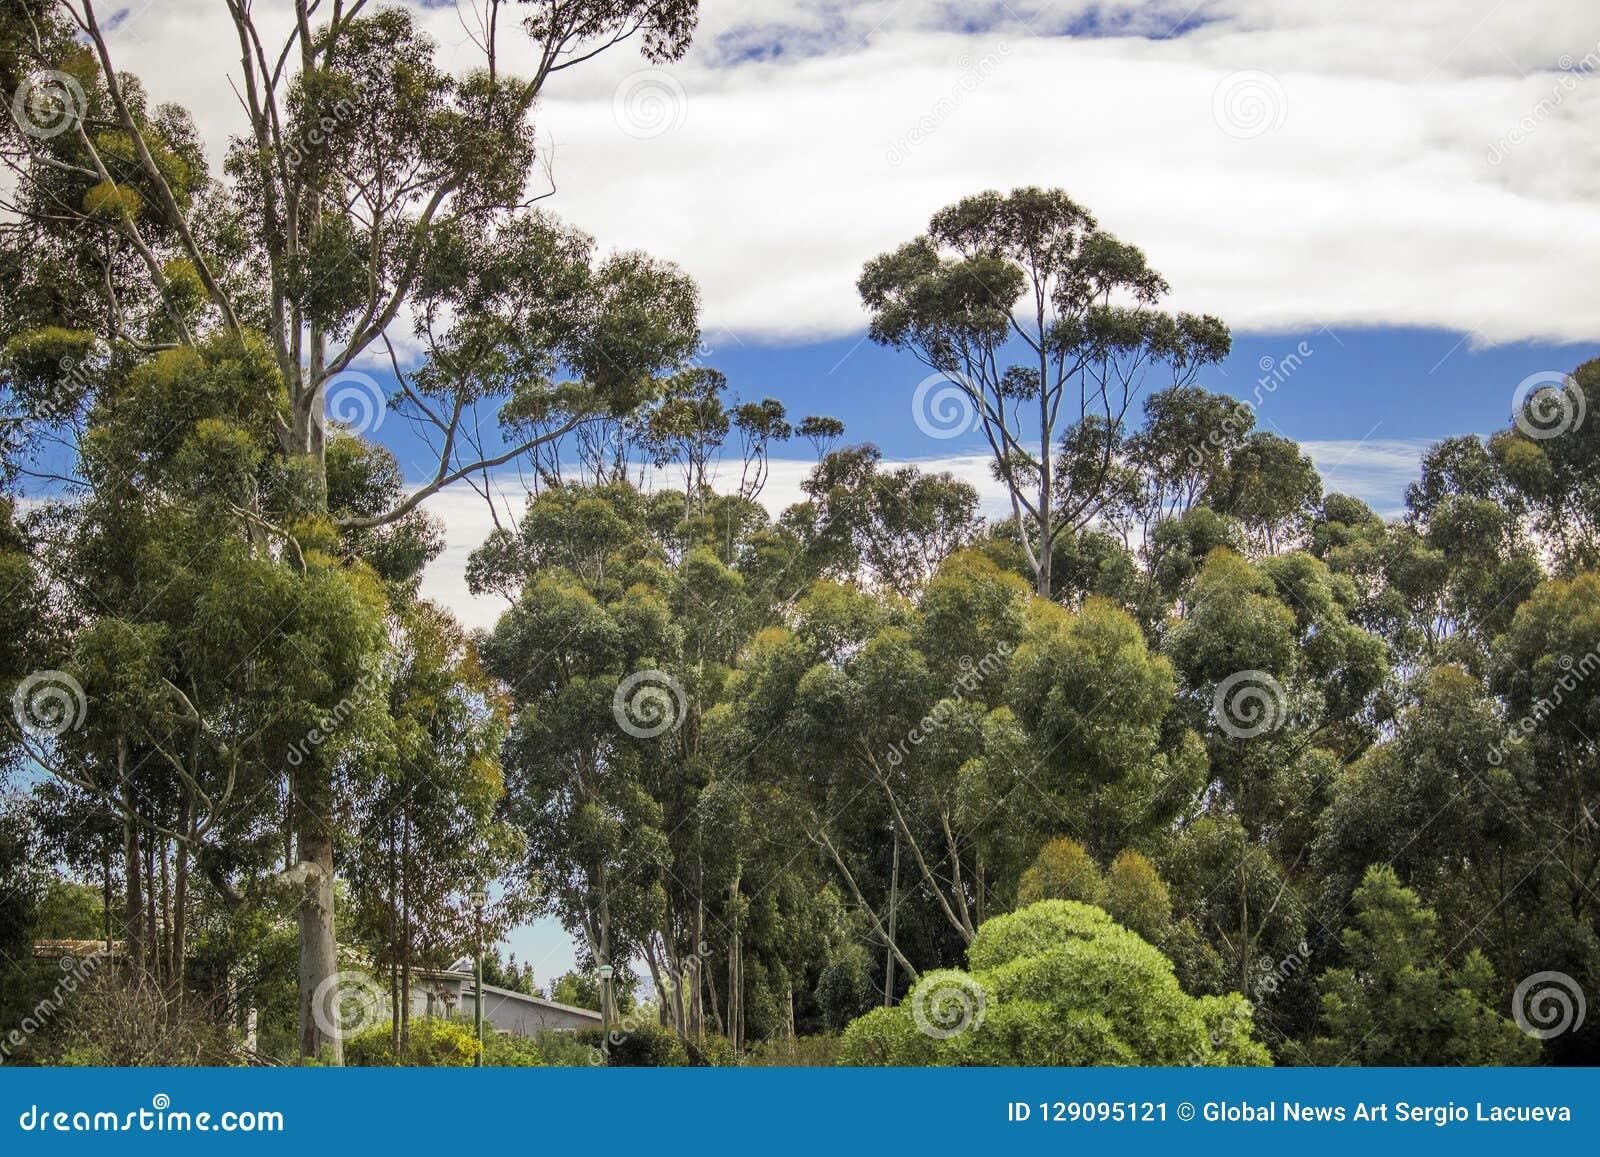 Błękitni whispy nieba z zielonymi drzewami Napier, Zachodni przylądek, Południowa Afryka